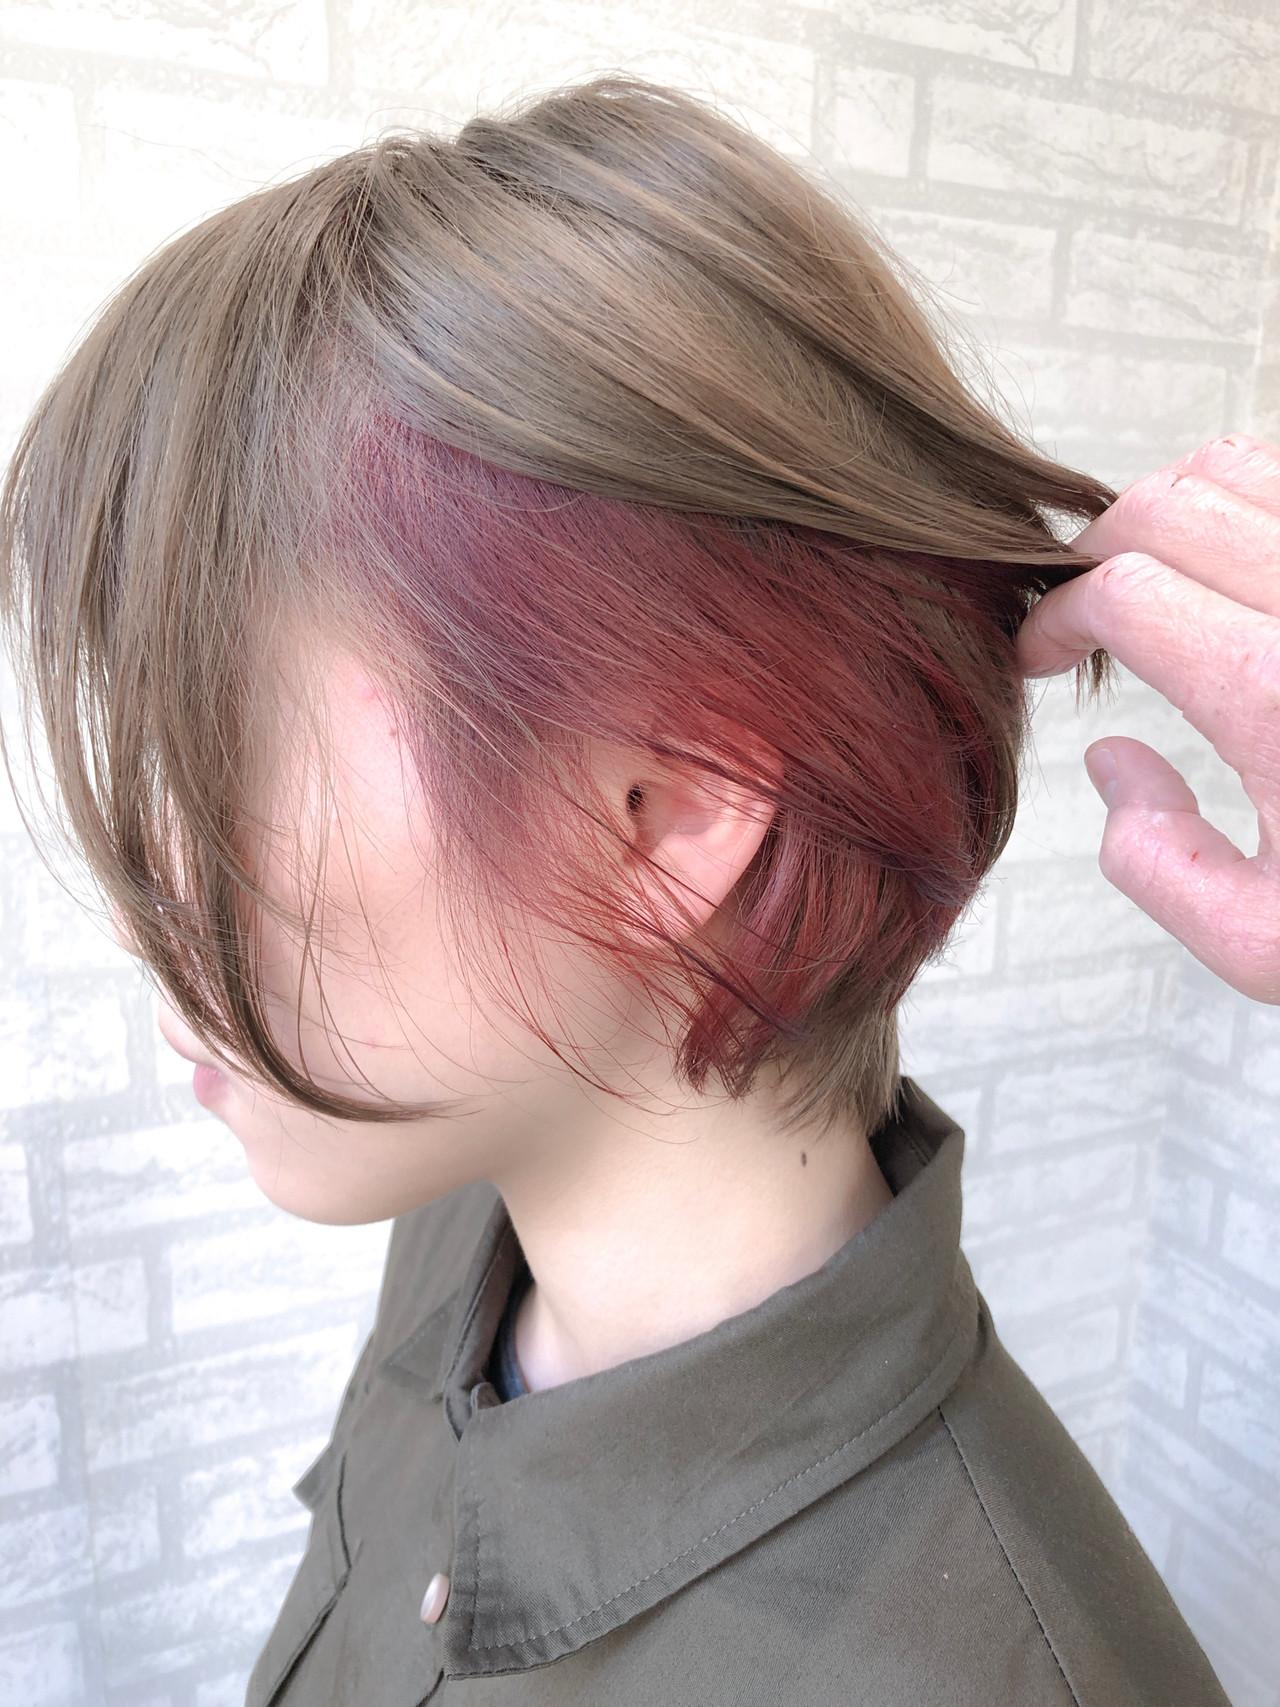 ボブ ナチュラル アンニュイほつれヘア 小顔ショート ヘアスタイルや髪型の写真・画像